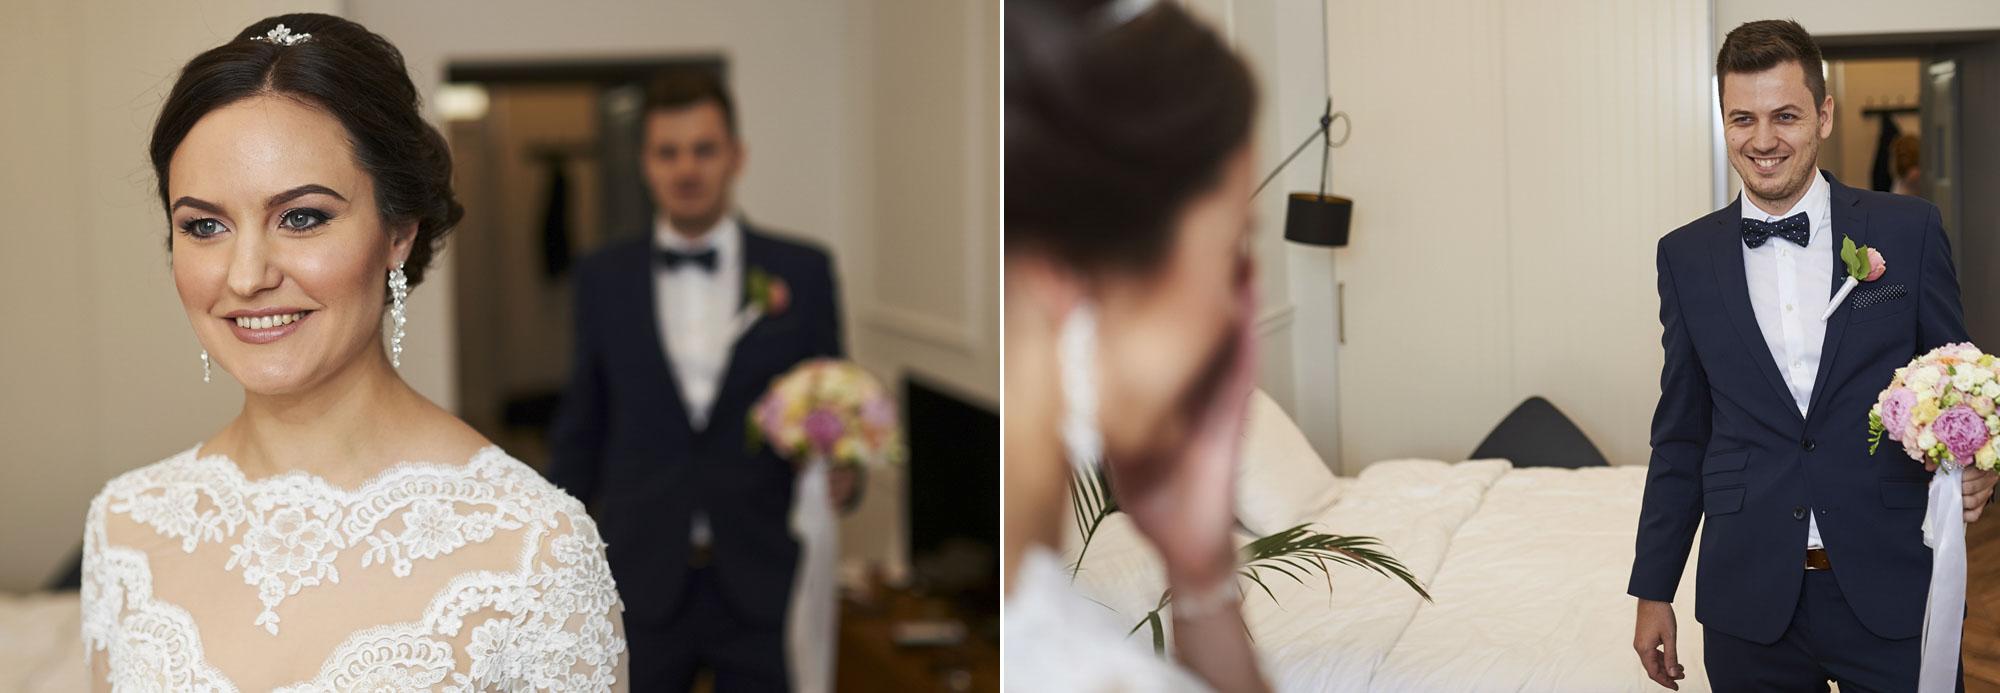 Esküvő készülődés fotózása Budapest